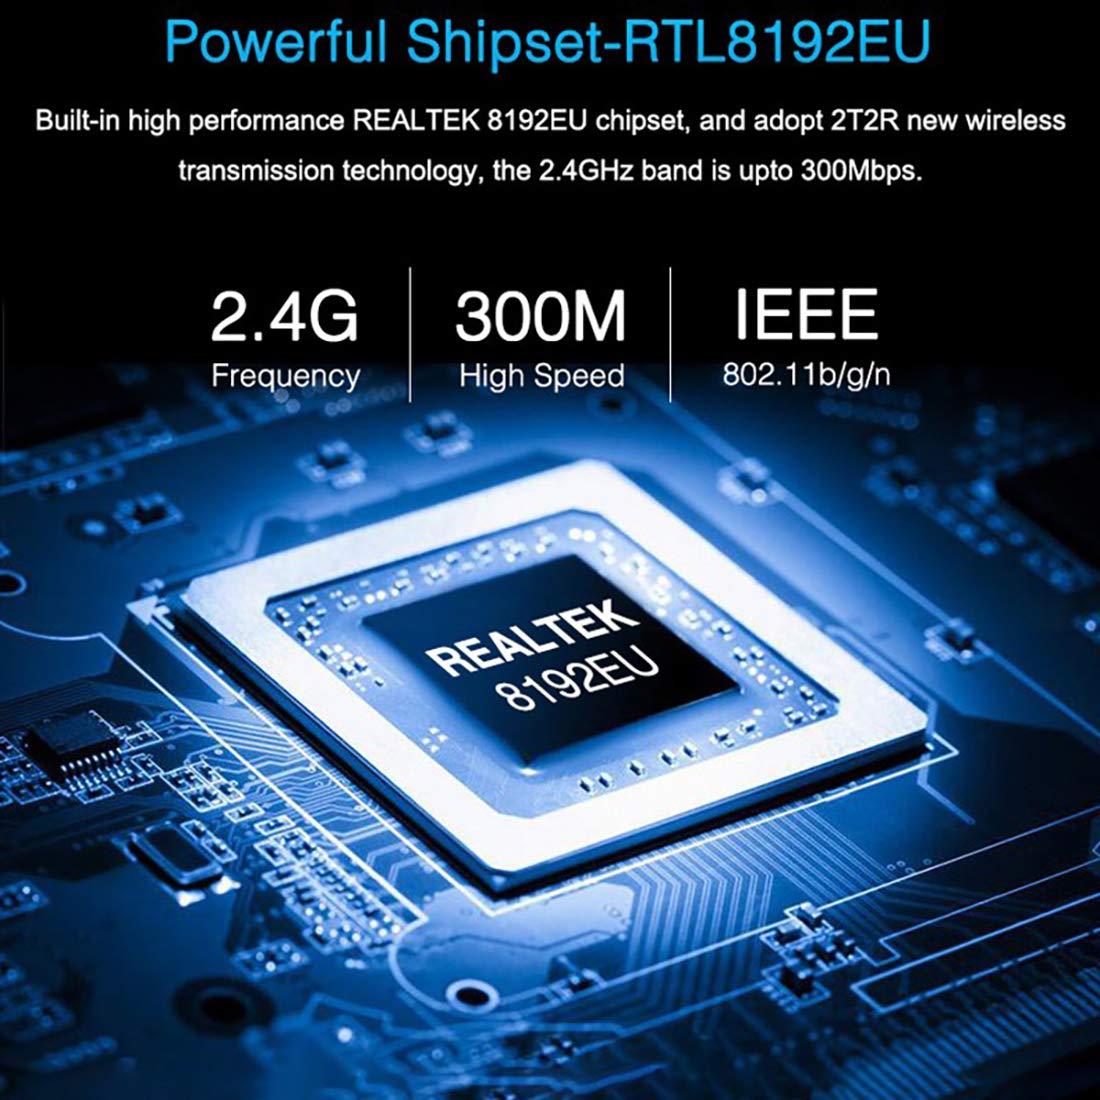 8192eu Chipset